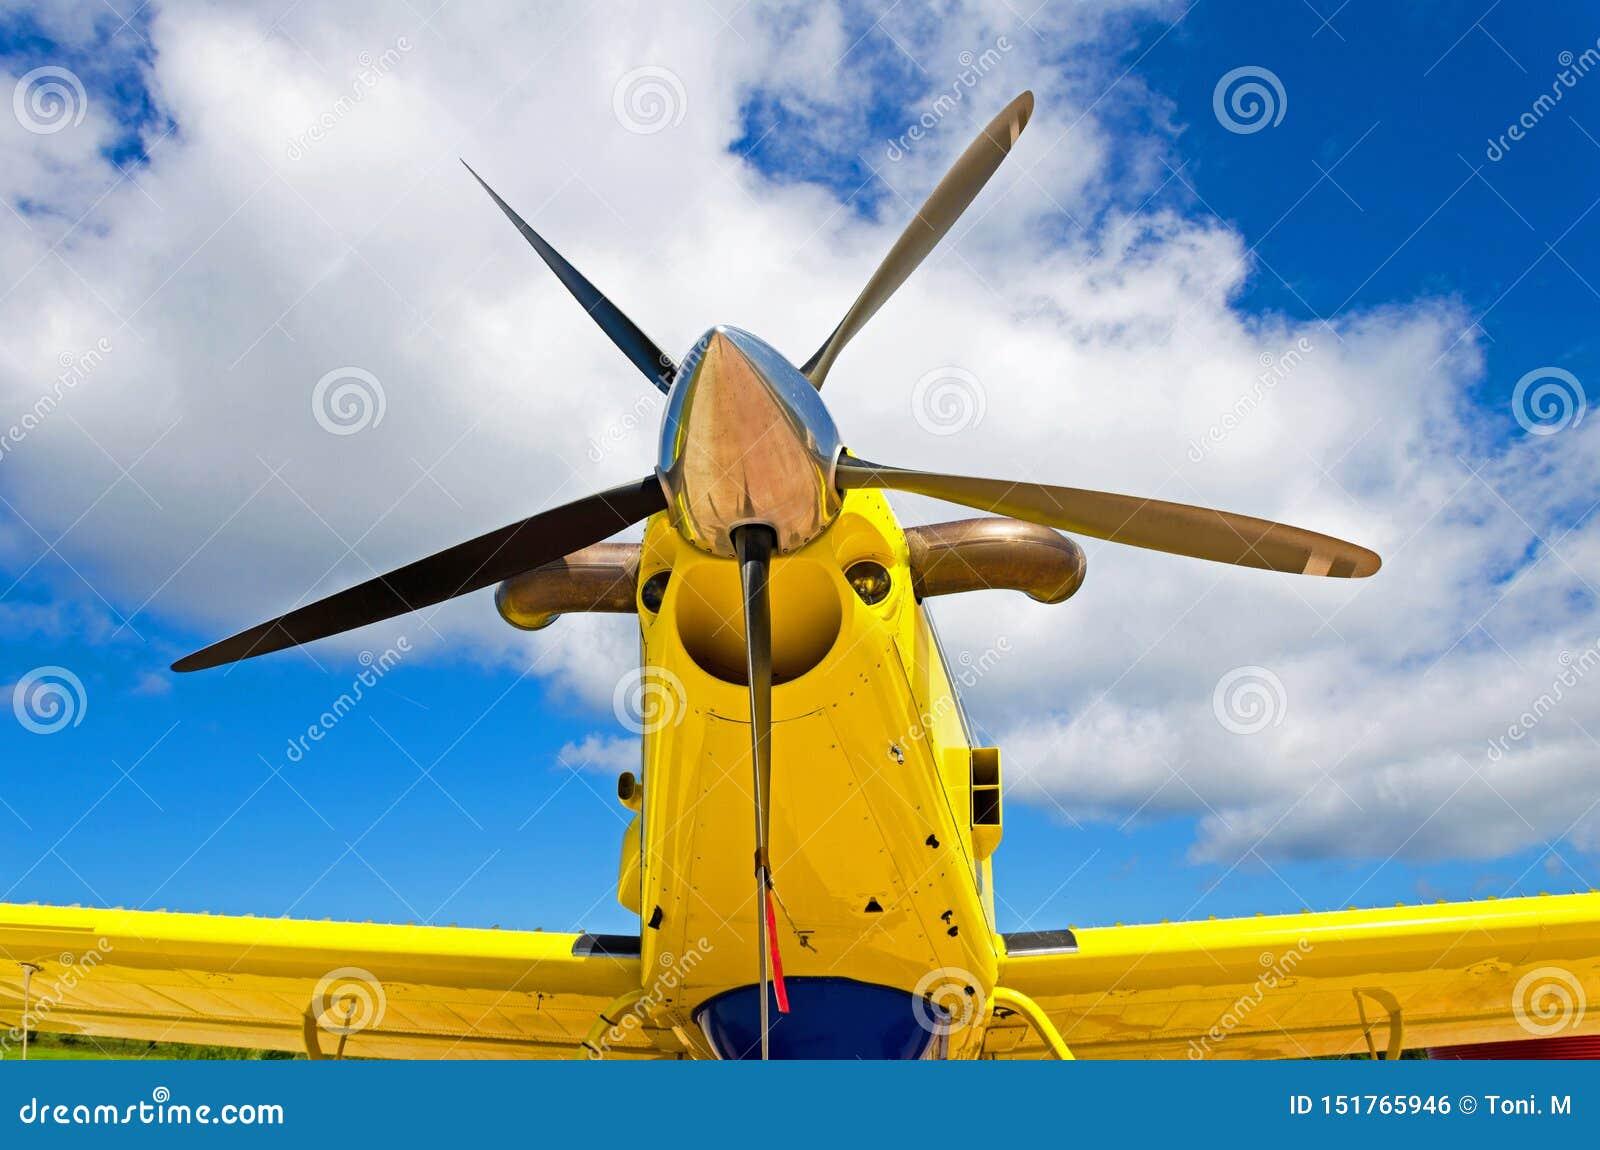 飞机推进器,有螺旋桨叶片的马达